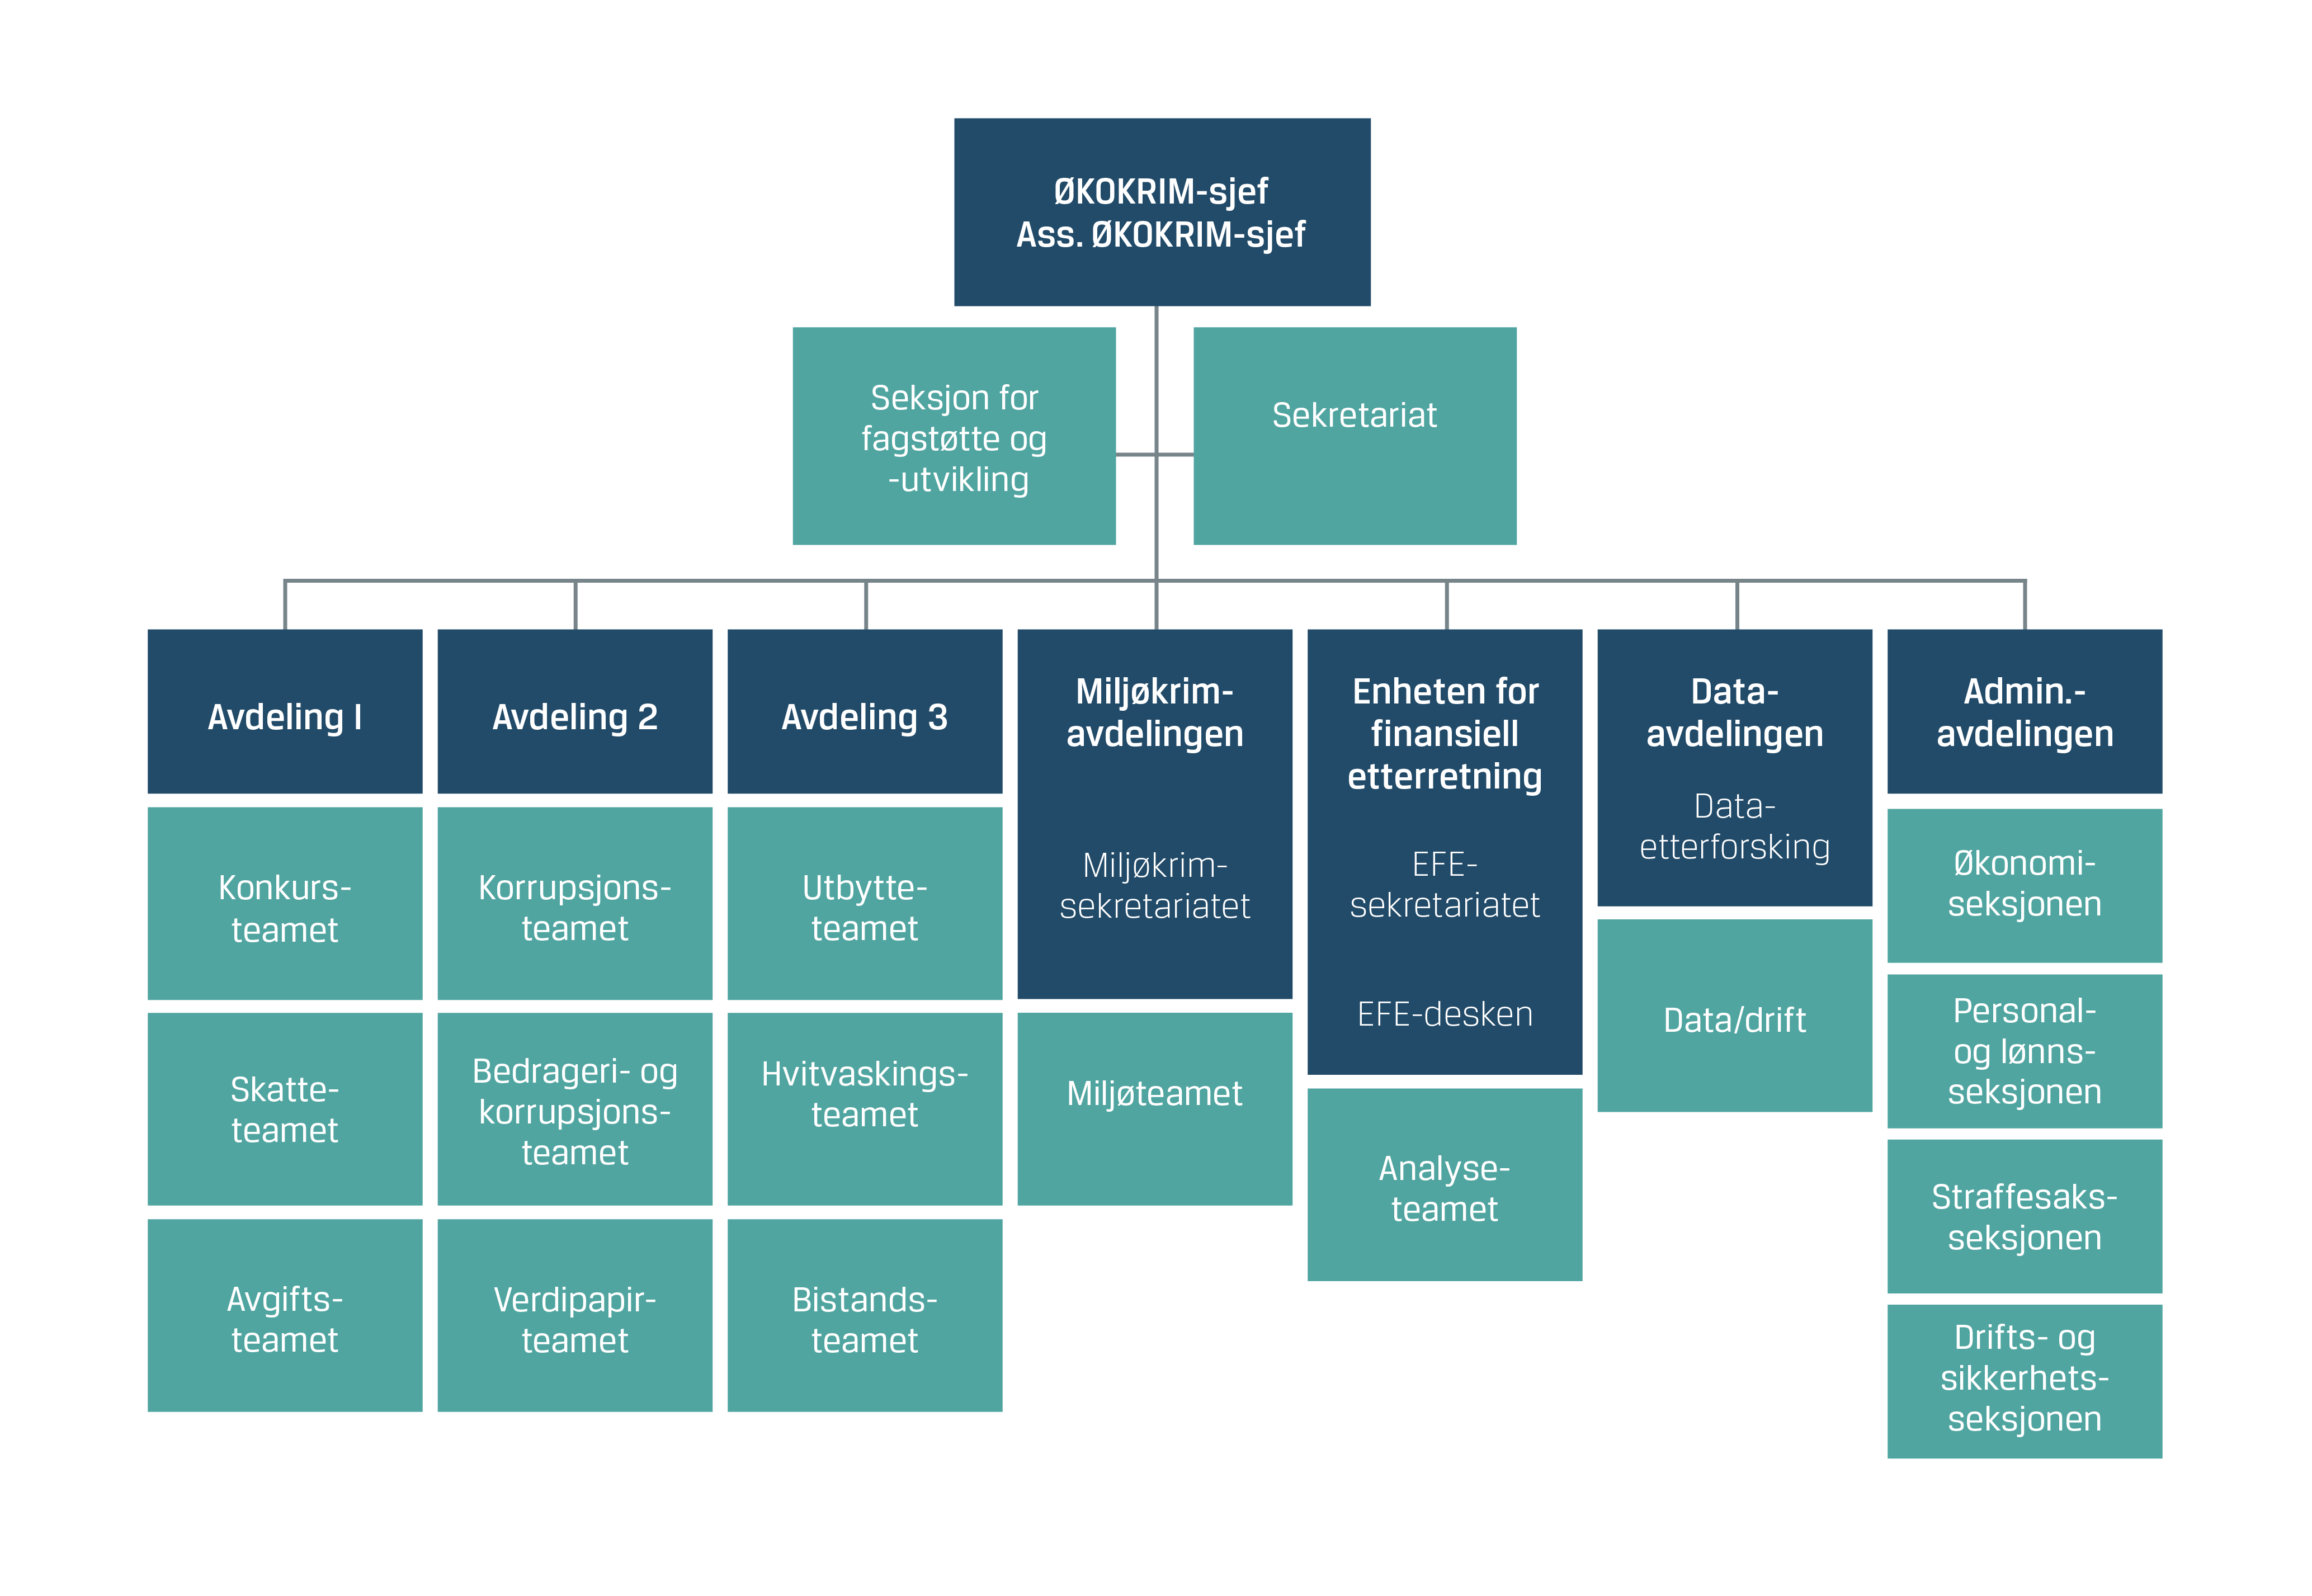 Orgkart_2019_norsk.png